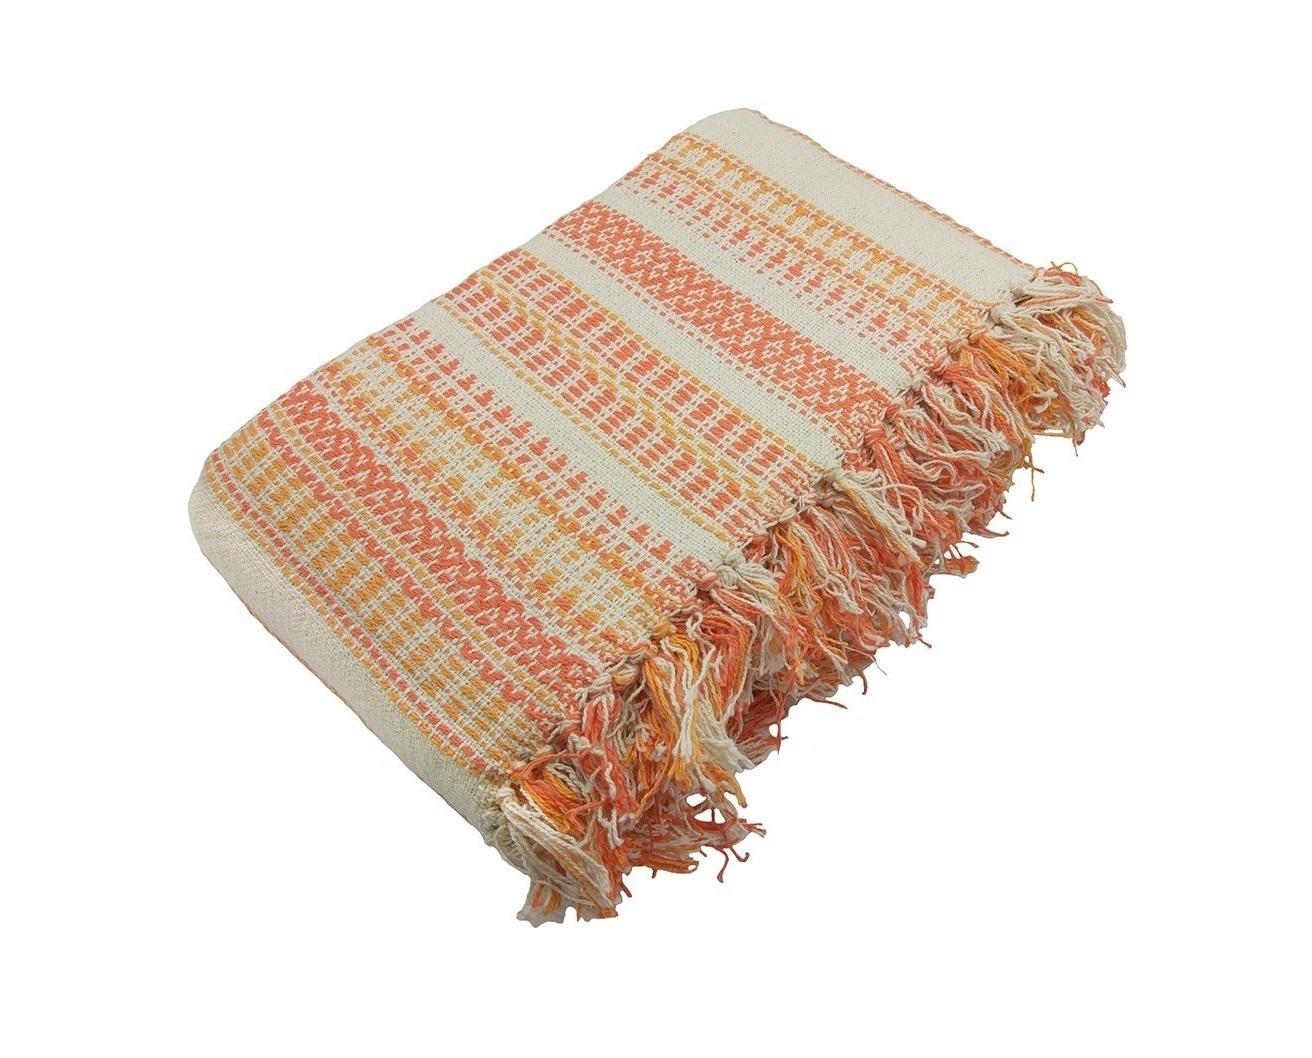 Покрывало Русский фолкПокрывала<br>Хлопковое объемное вязаное покрывало натурального небеленого оттенка с контрастными желто-оранжевыми узорчатыми полосами.&amp;amp;nbsp;&amp;lt;div&amp;gt;Край покрывала оформлен кистями&amp;lt;/div&amp;gt;<br><br>Material: Хлопок<br>Ширина см: 160<br>Глубина см: 220